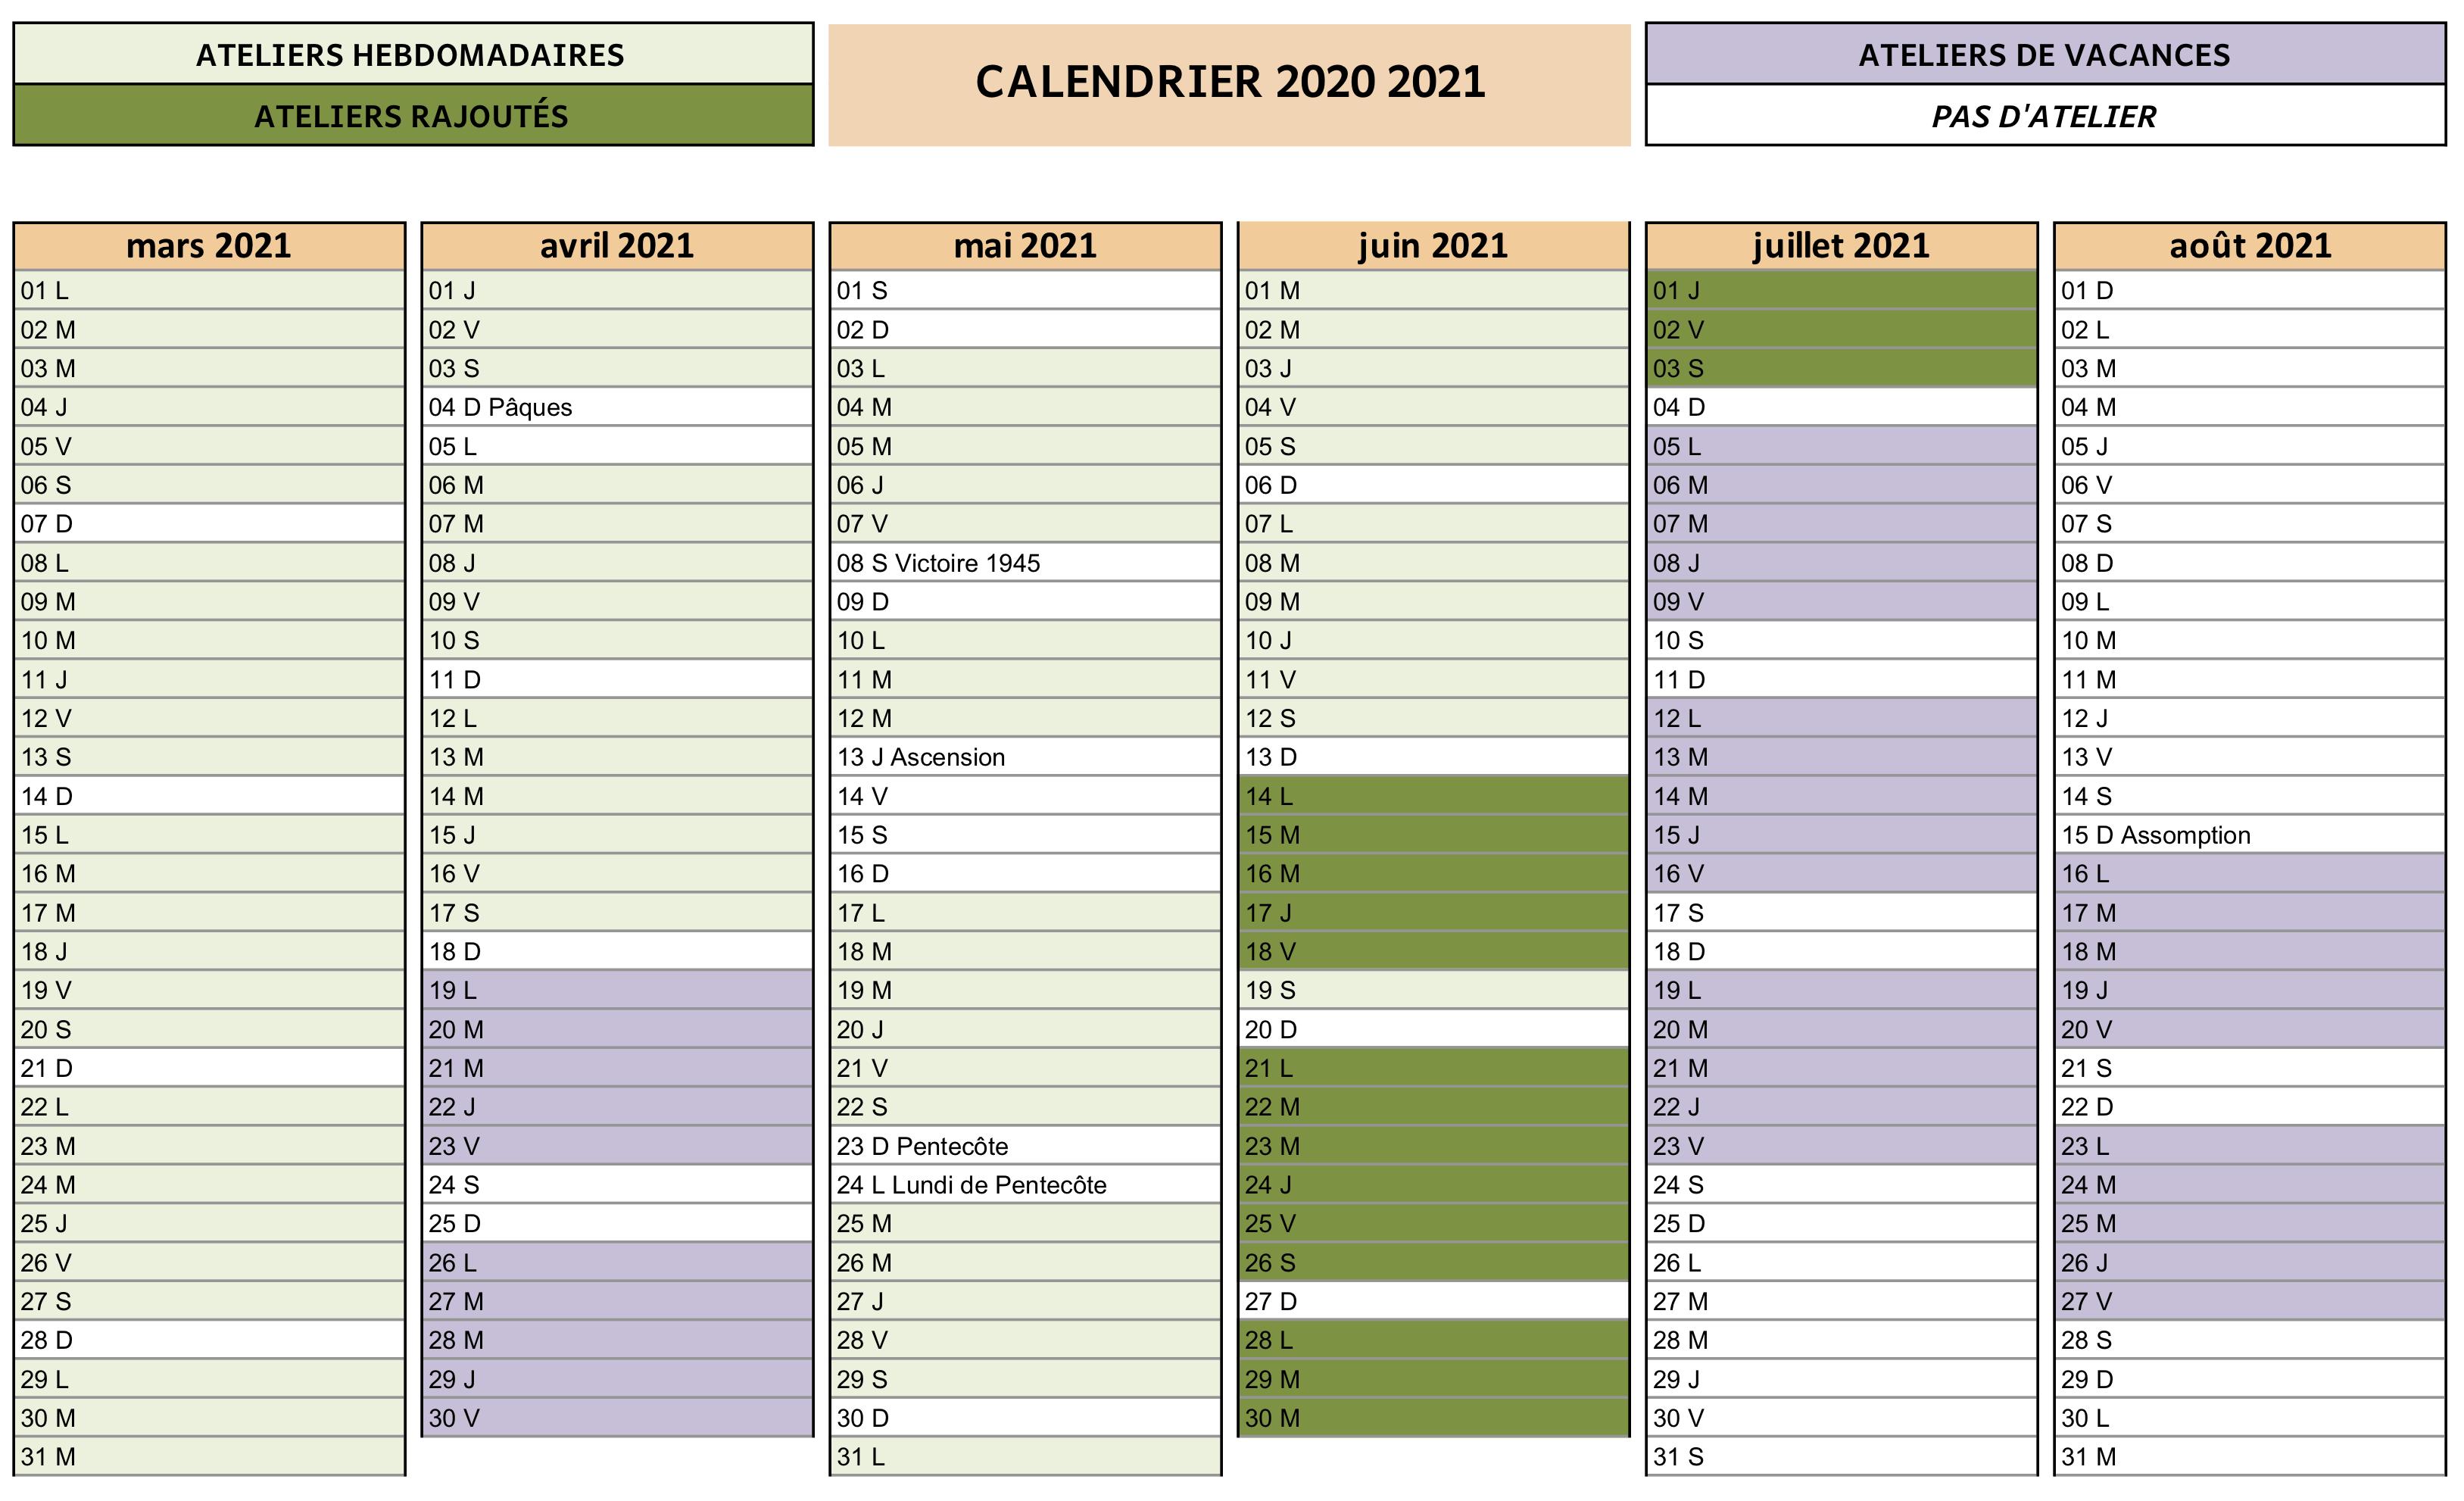 Calendrier Cdm 2021 CdM calendrier 20120 2021 comptage   Cour des marguerites